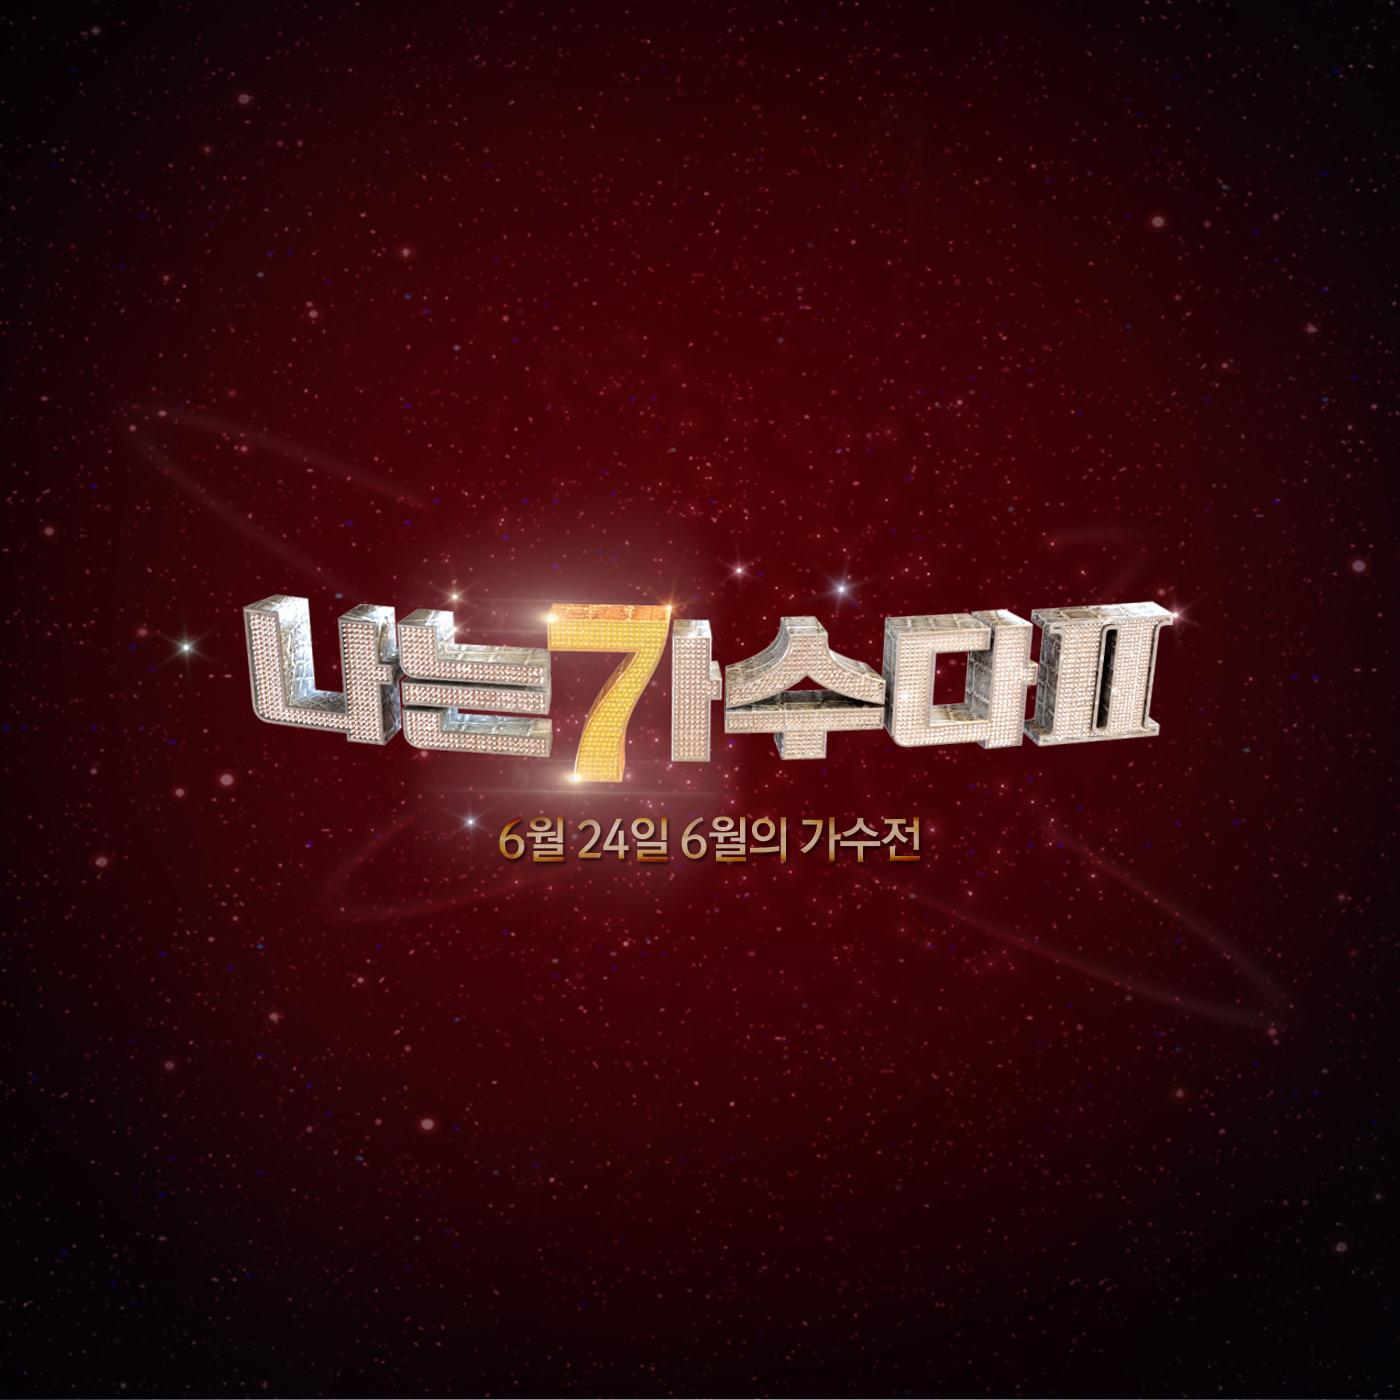 <나는 가수다 2> 6월 24일 6월의 가수전 앨범정보